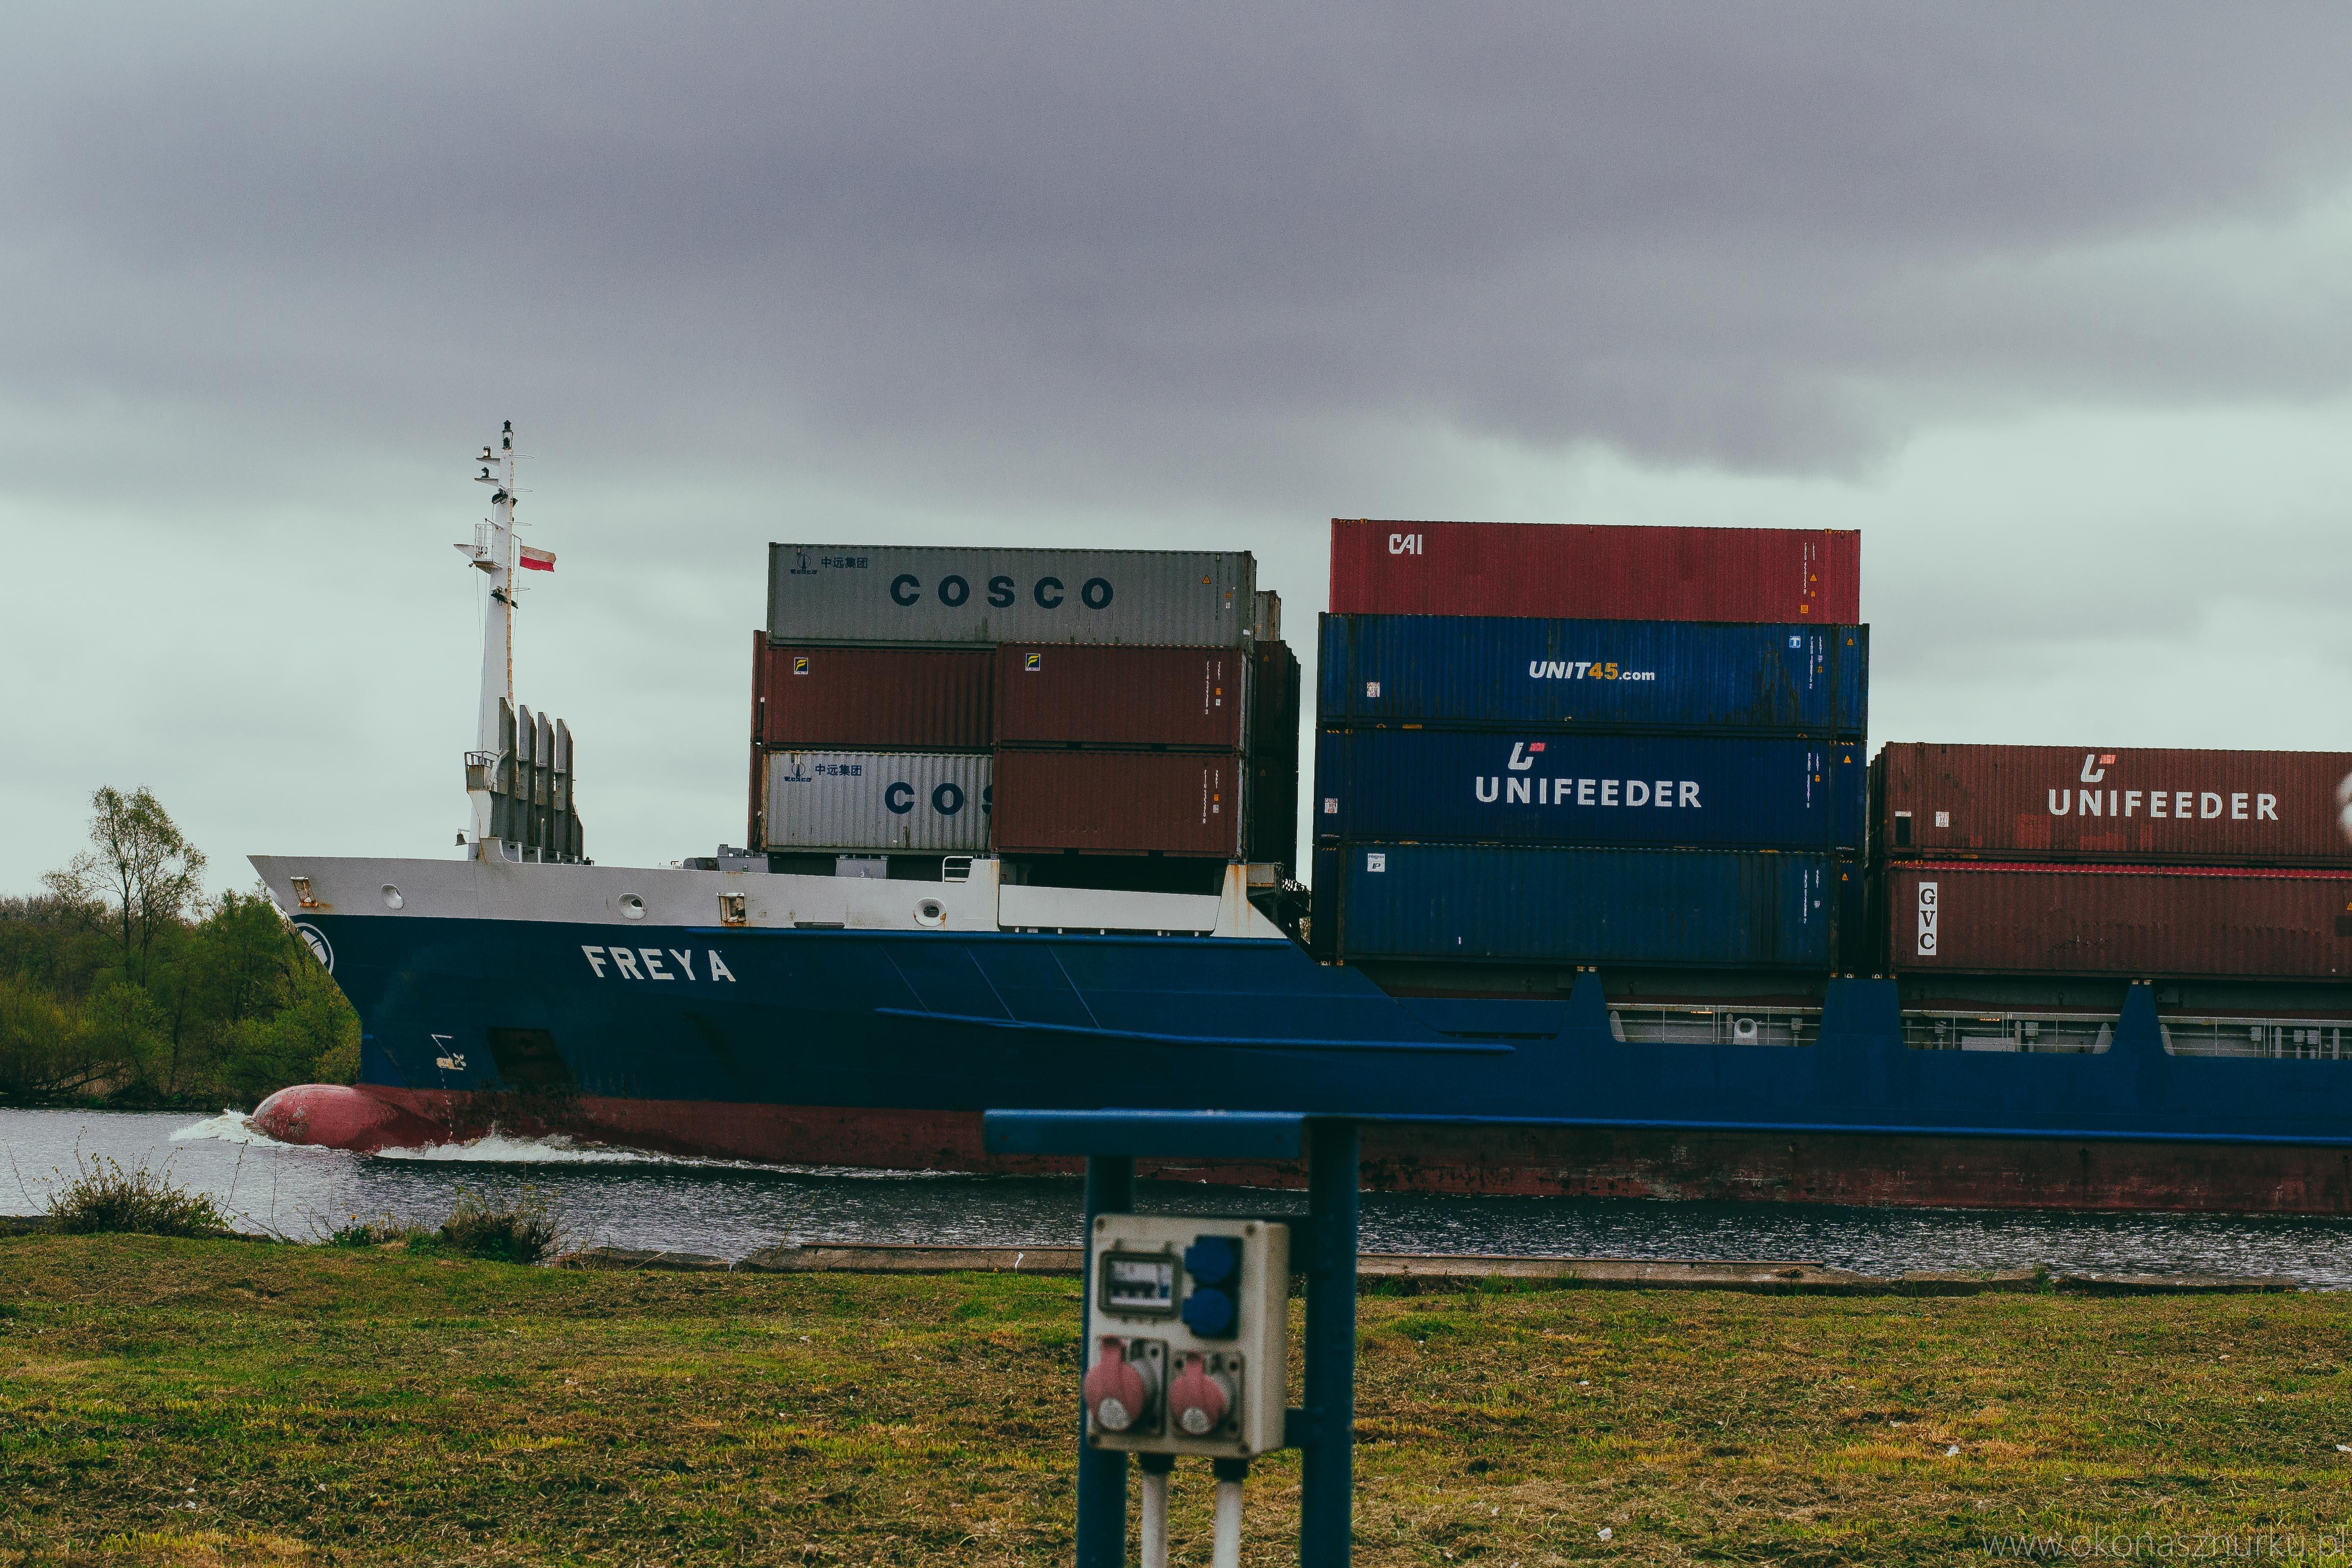 marina-jacht-wyprawy-morskie-silesia-szczecin-goclaw-lubczyna (6)